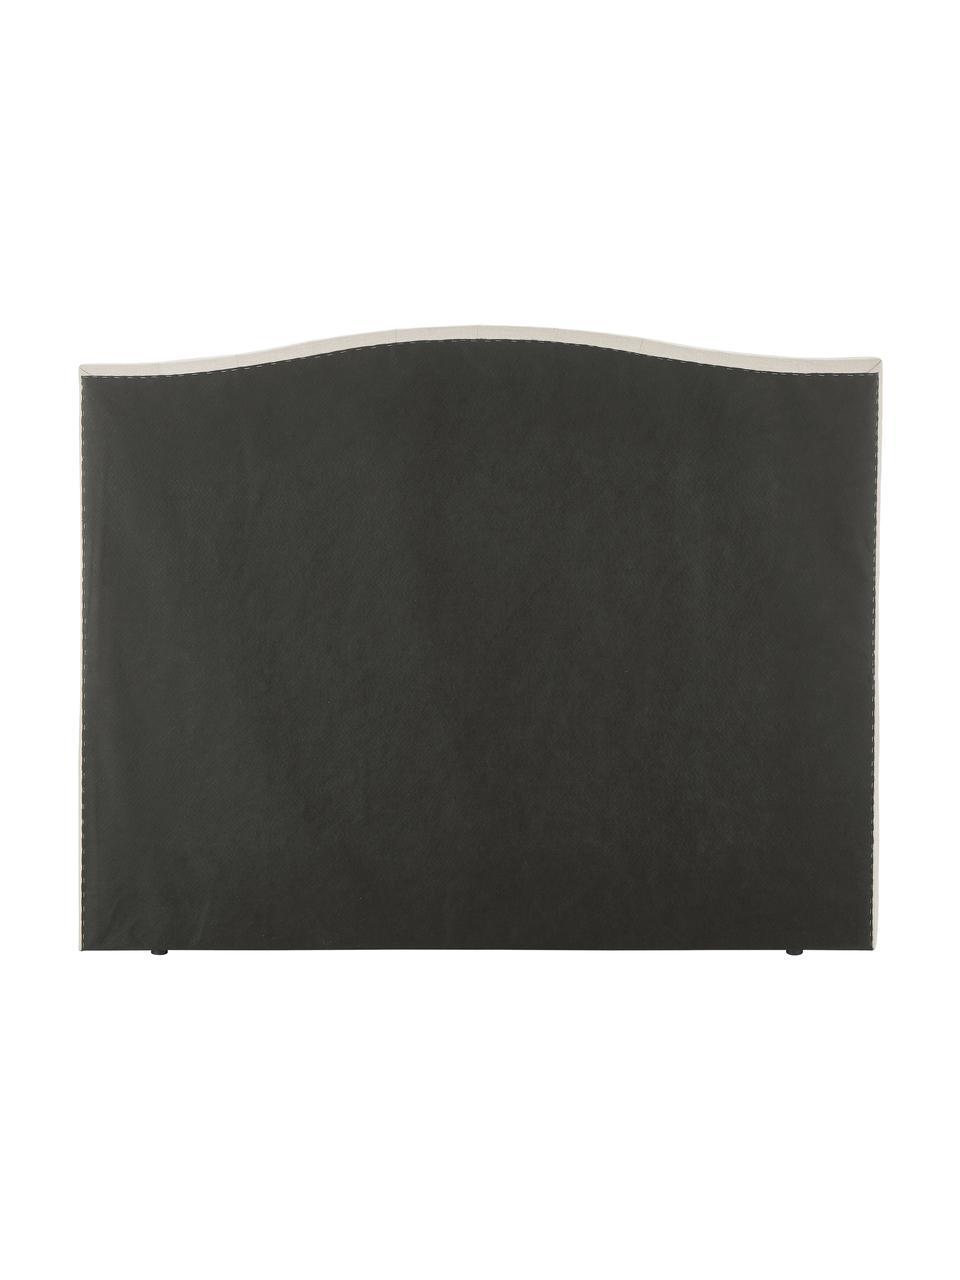 Premium Boxspringbett Royal in Beige, Matratze: 5-Zonen-Taschenfederkern, Füße: Massives Birkenholz, lack, Webstoff Beige, 200 x 200 cm